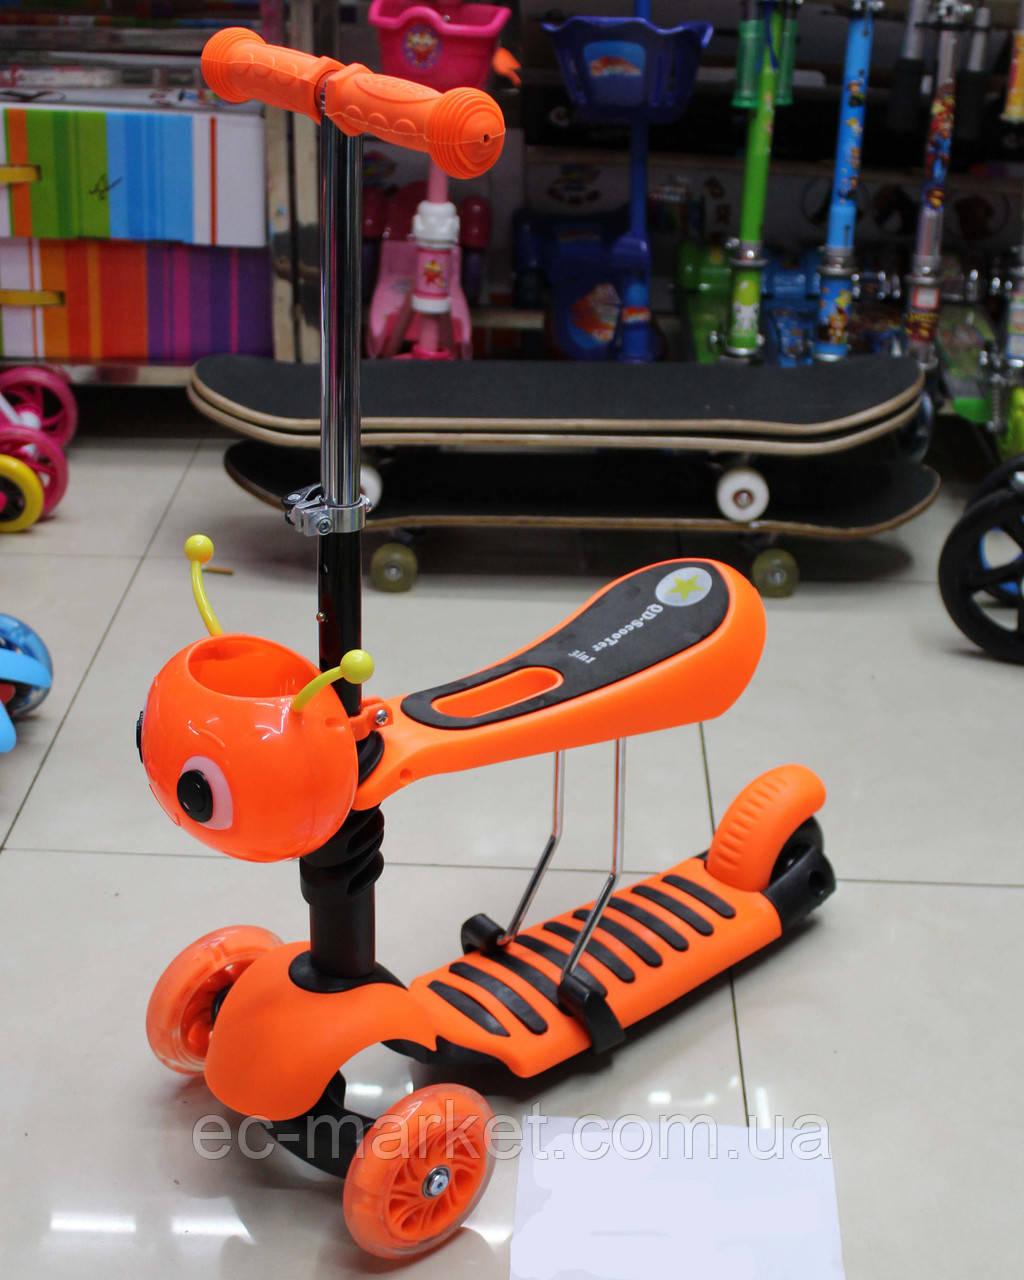 Самокат трехколесный детский с сиденьем BT-KS-0057 - Euro City Market в Киеве